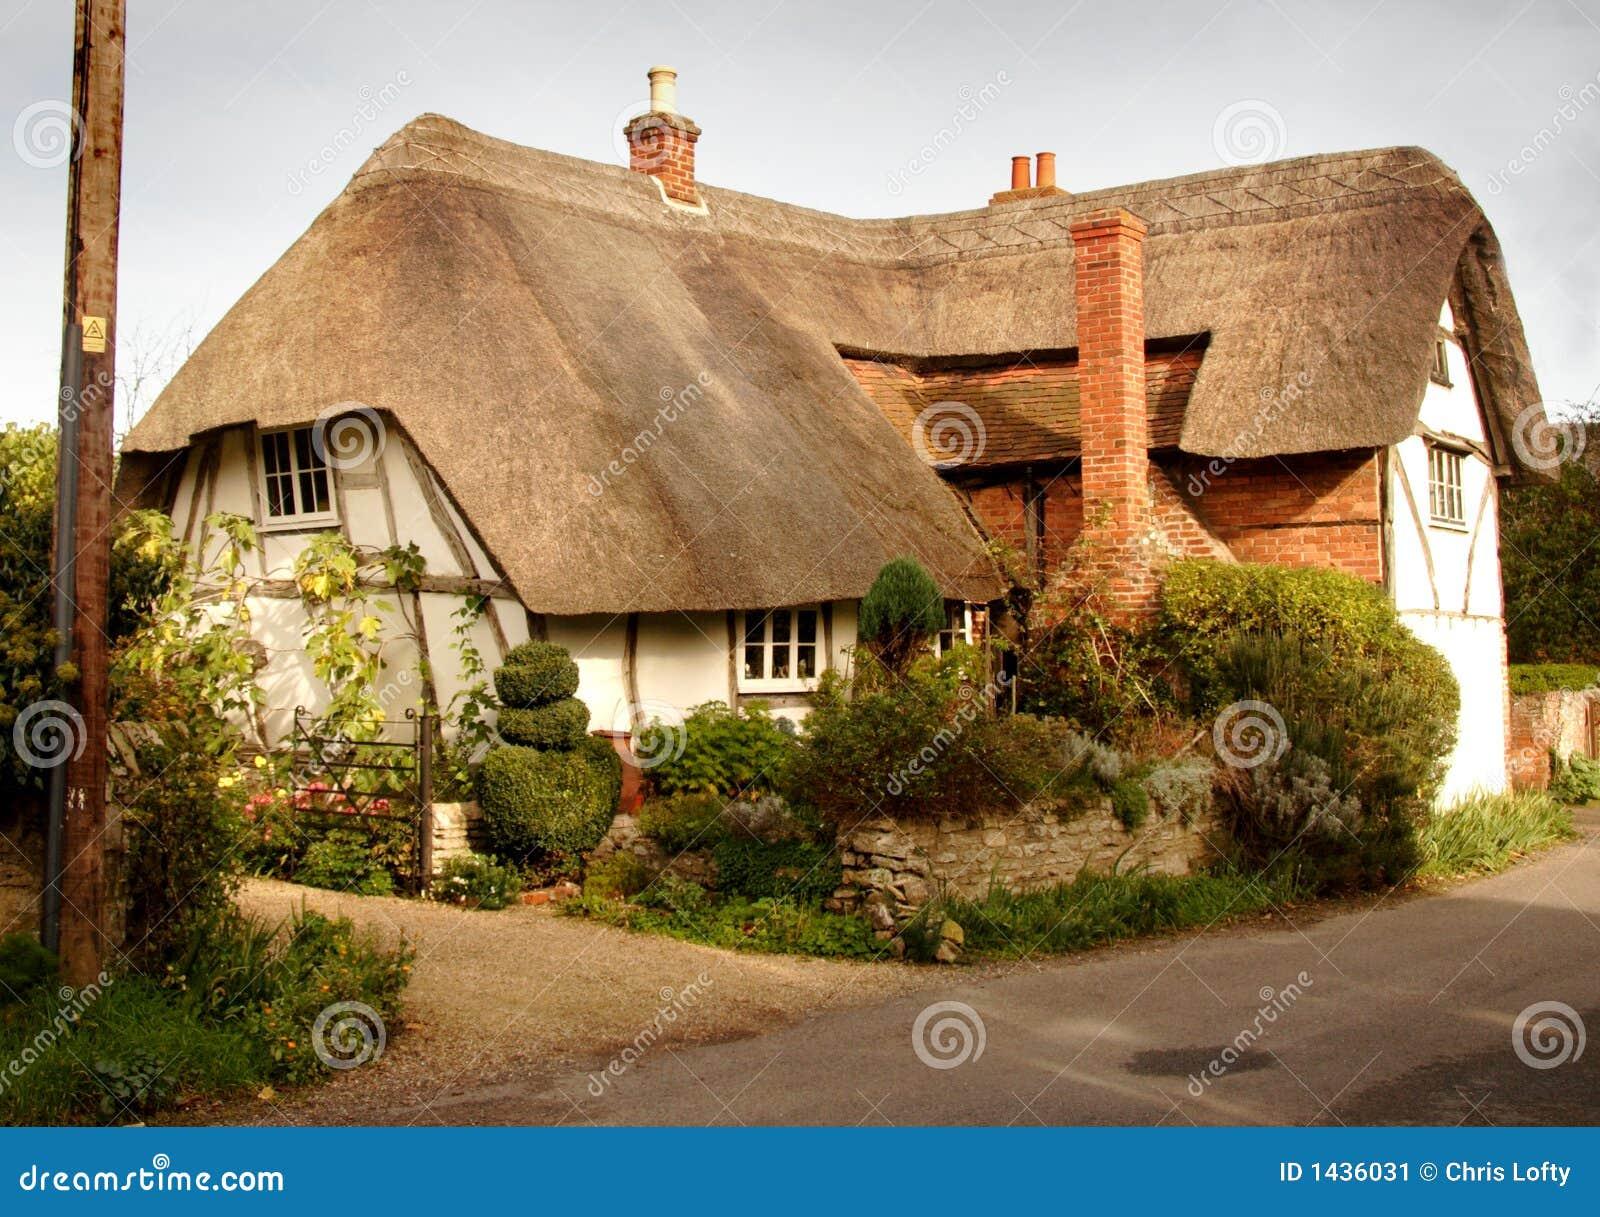 maison couverte de chaume anglaise de village image stock. Black Bedroom Furniture Sets. Home Design Ideas